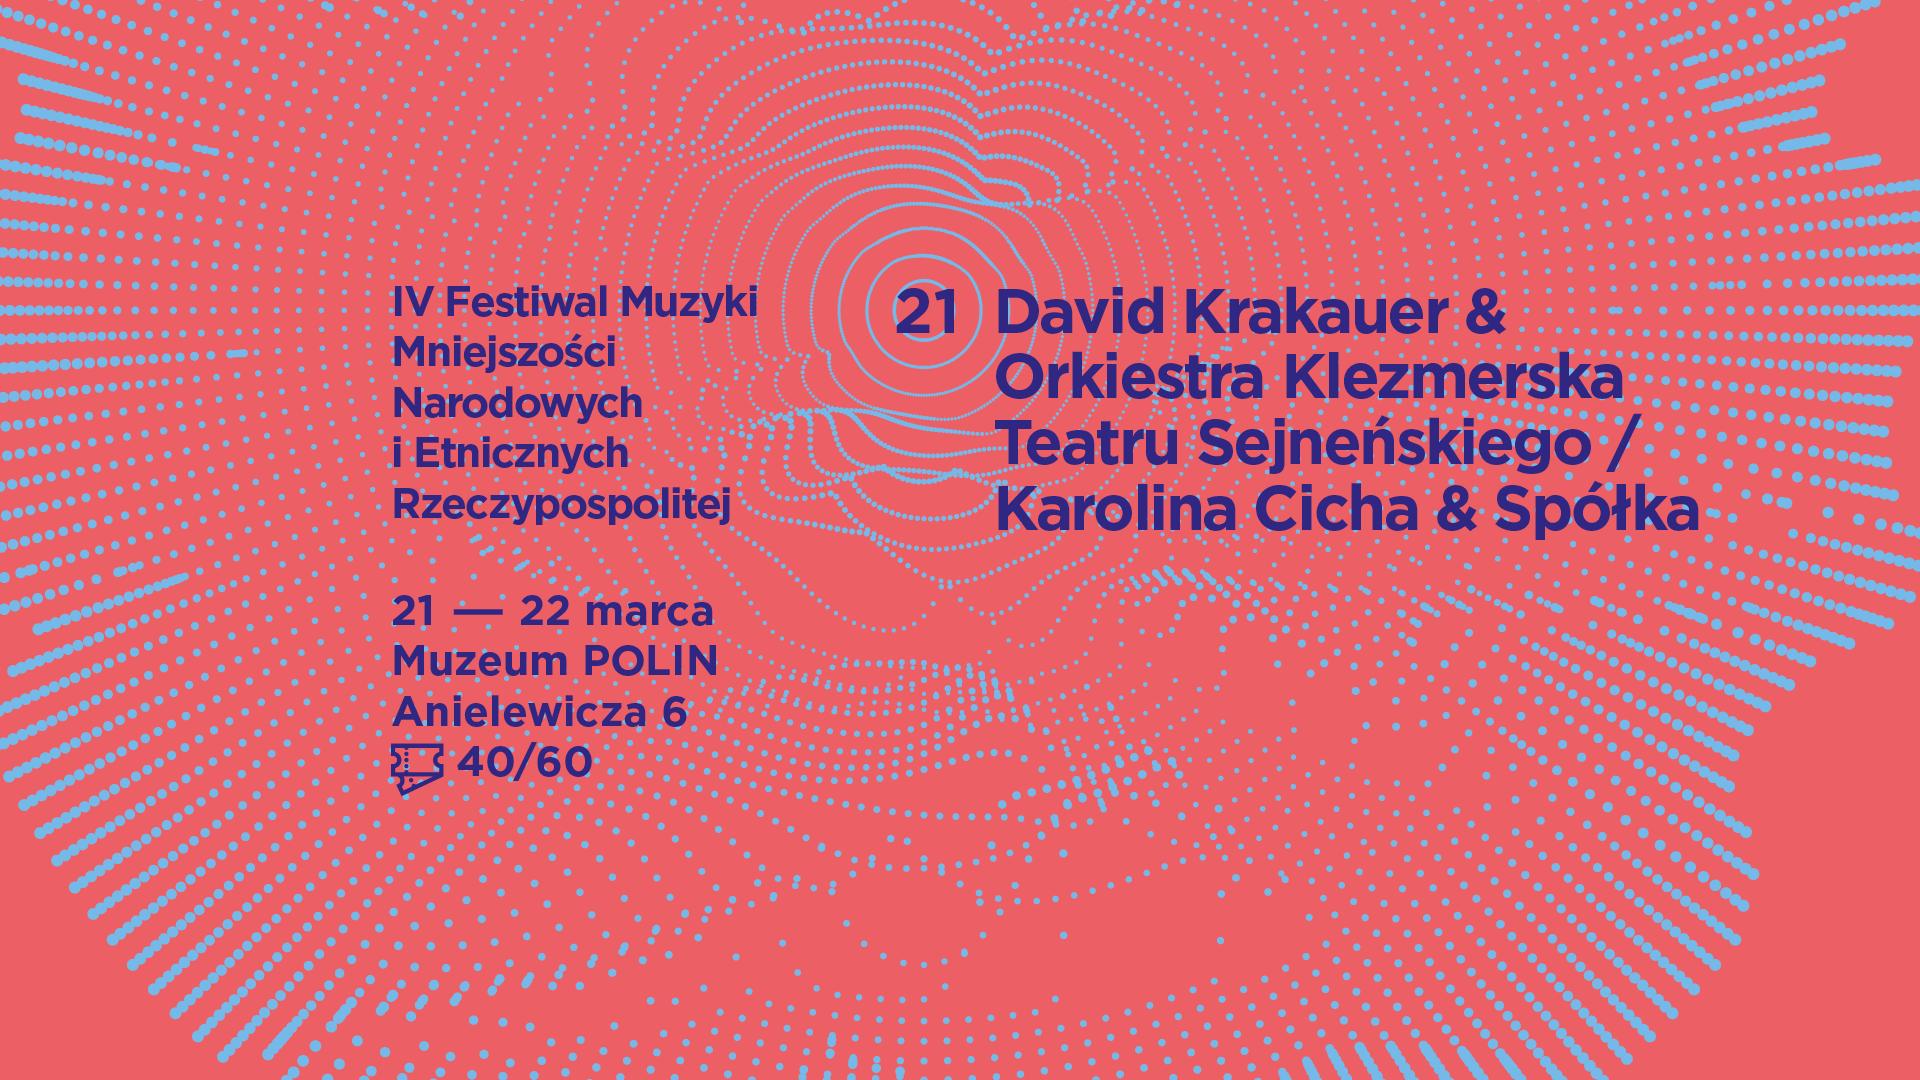 IV Festiwal Muzyki Mniejszości Narodowych i Etnicznych Rzeczypospolitej